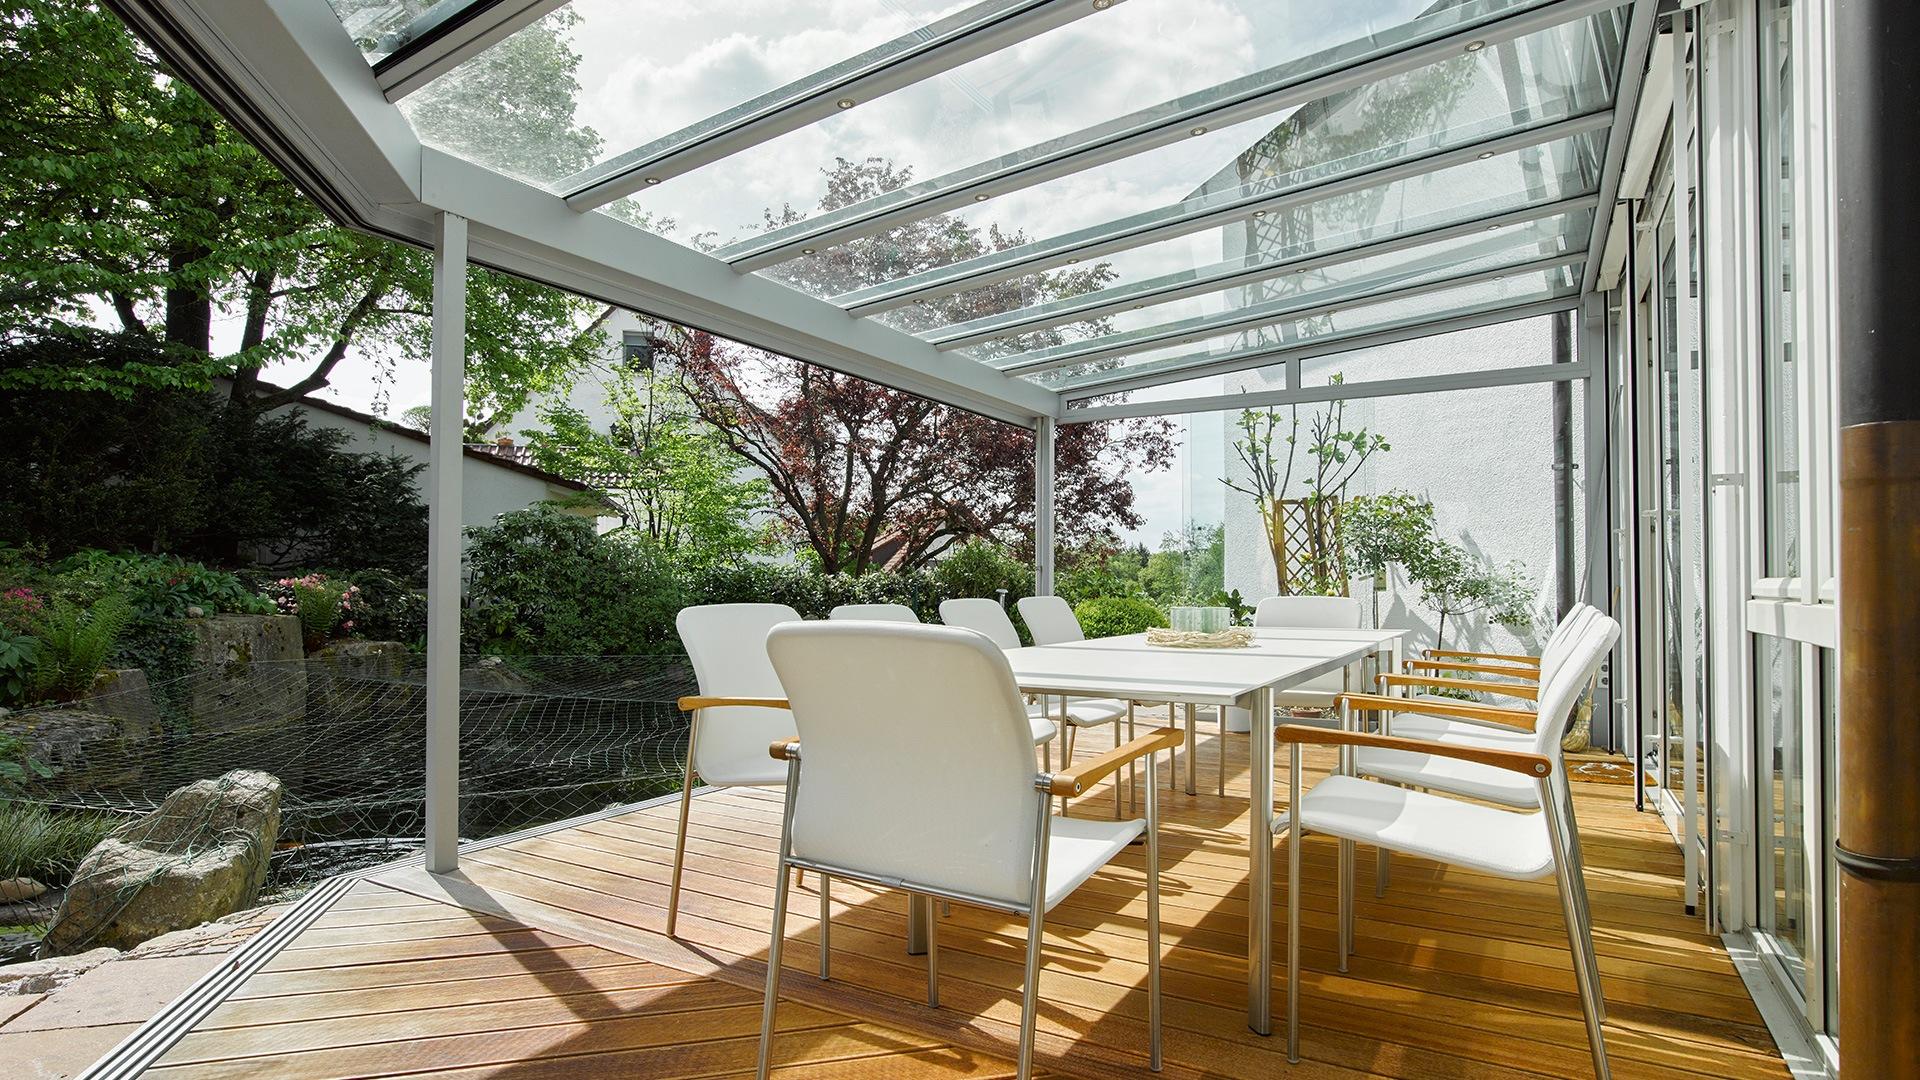 zanker jardino 16 - Sonnenschutz für Balkon und Terrasse